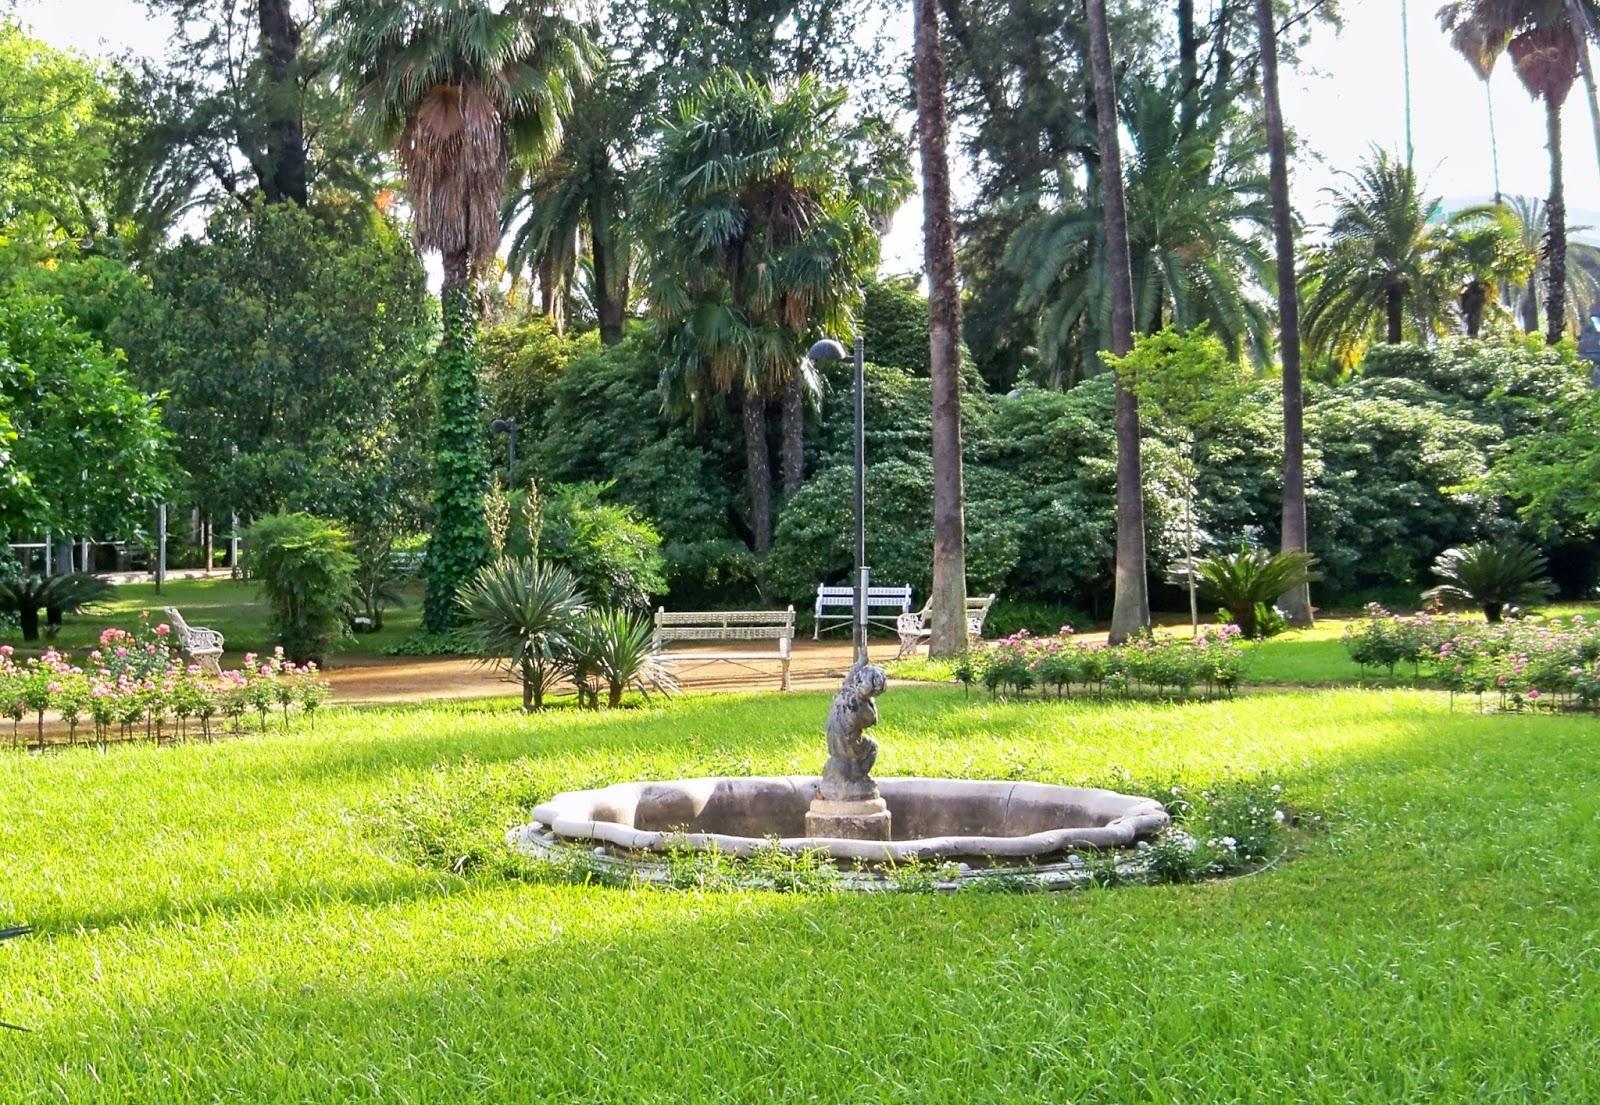 Gel n noticias la plataforma ciudadana por los parques for Jardines romanticos